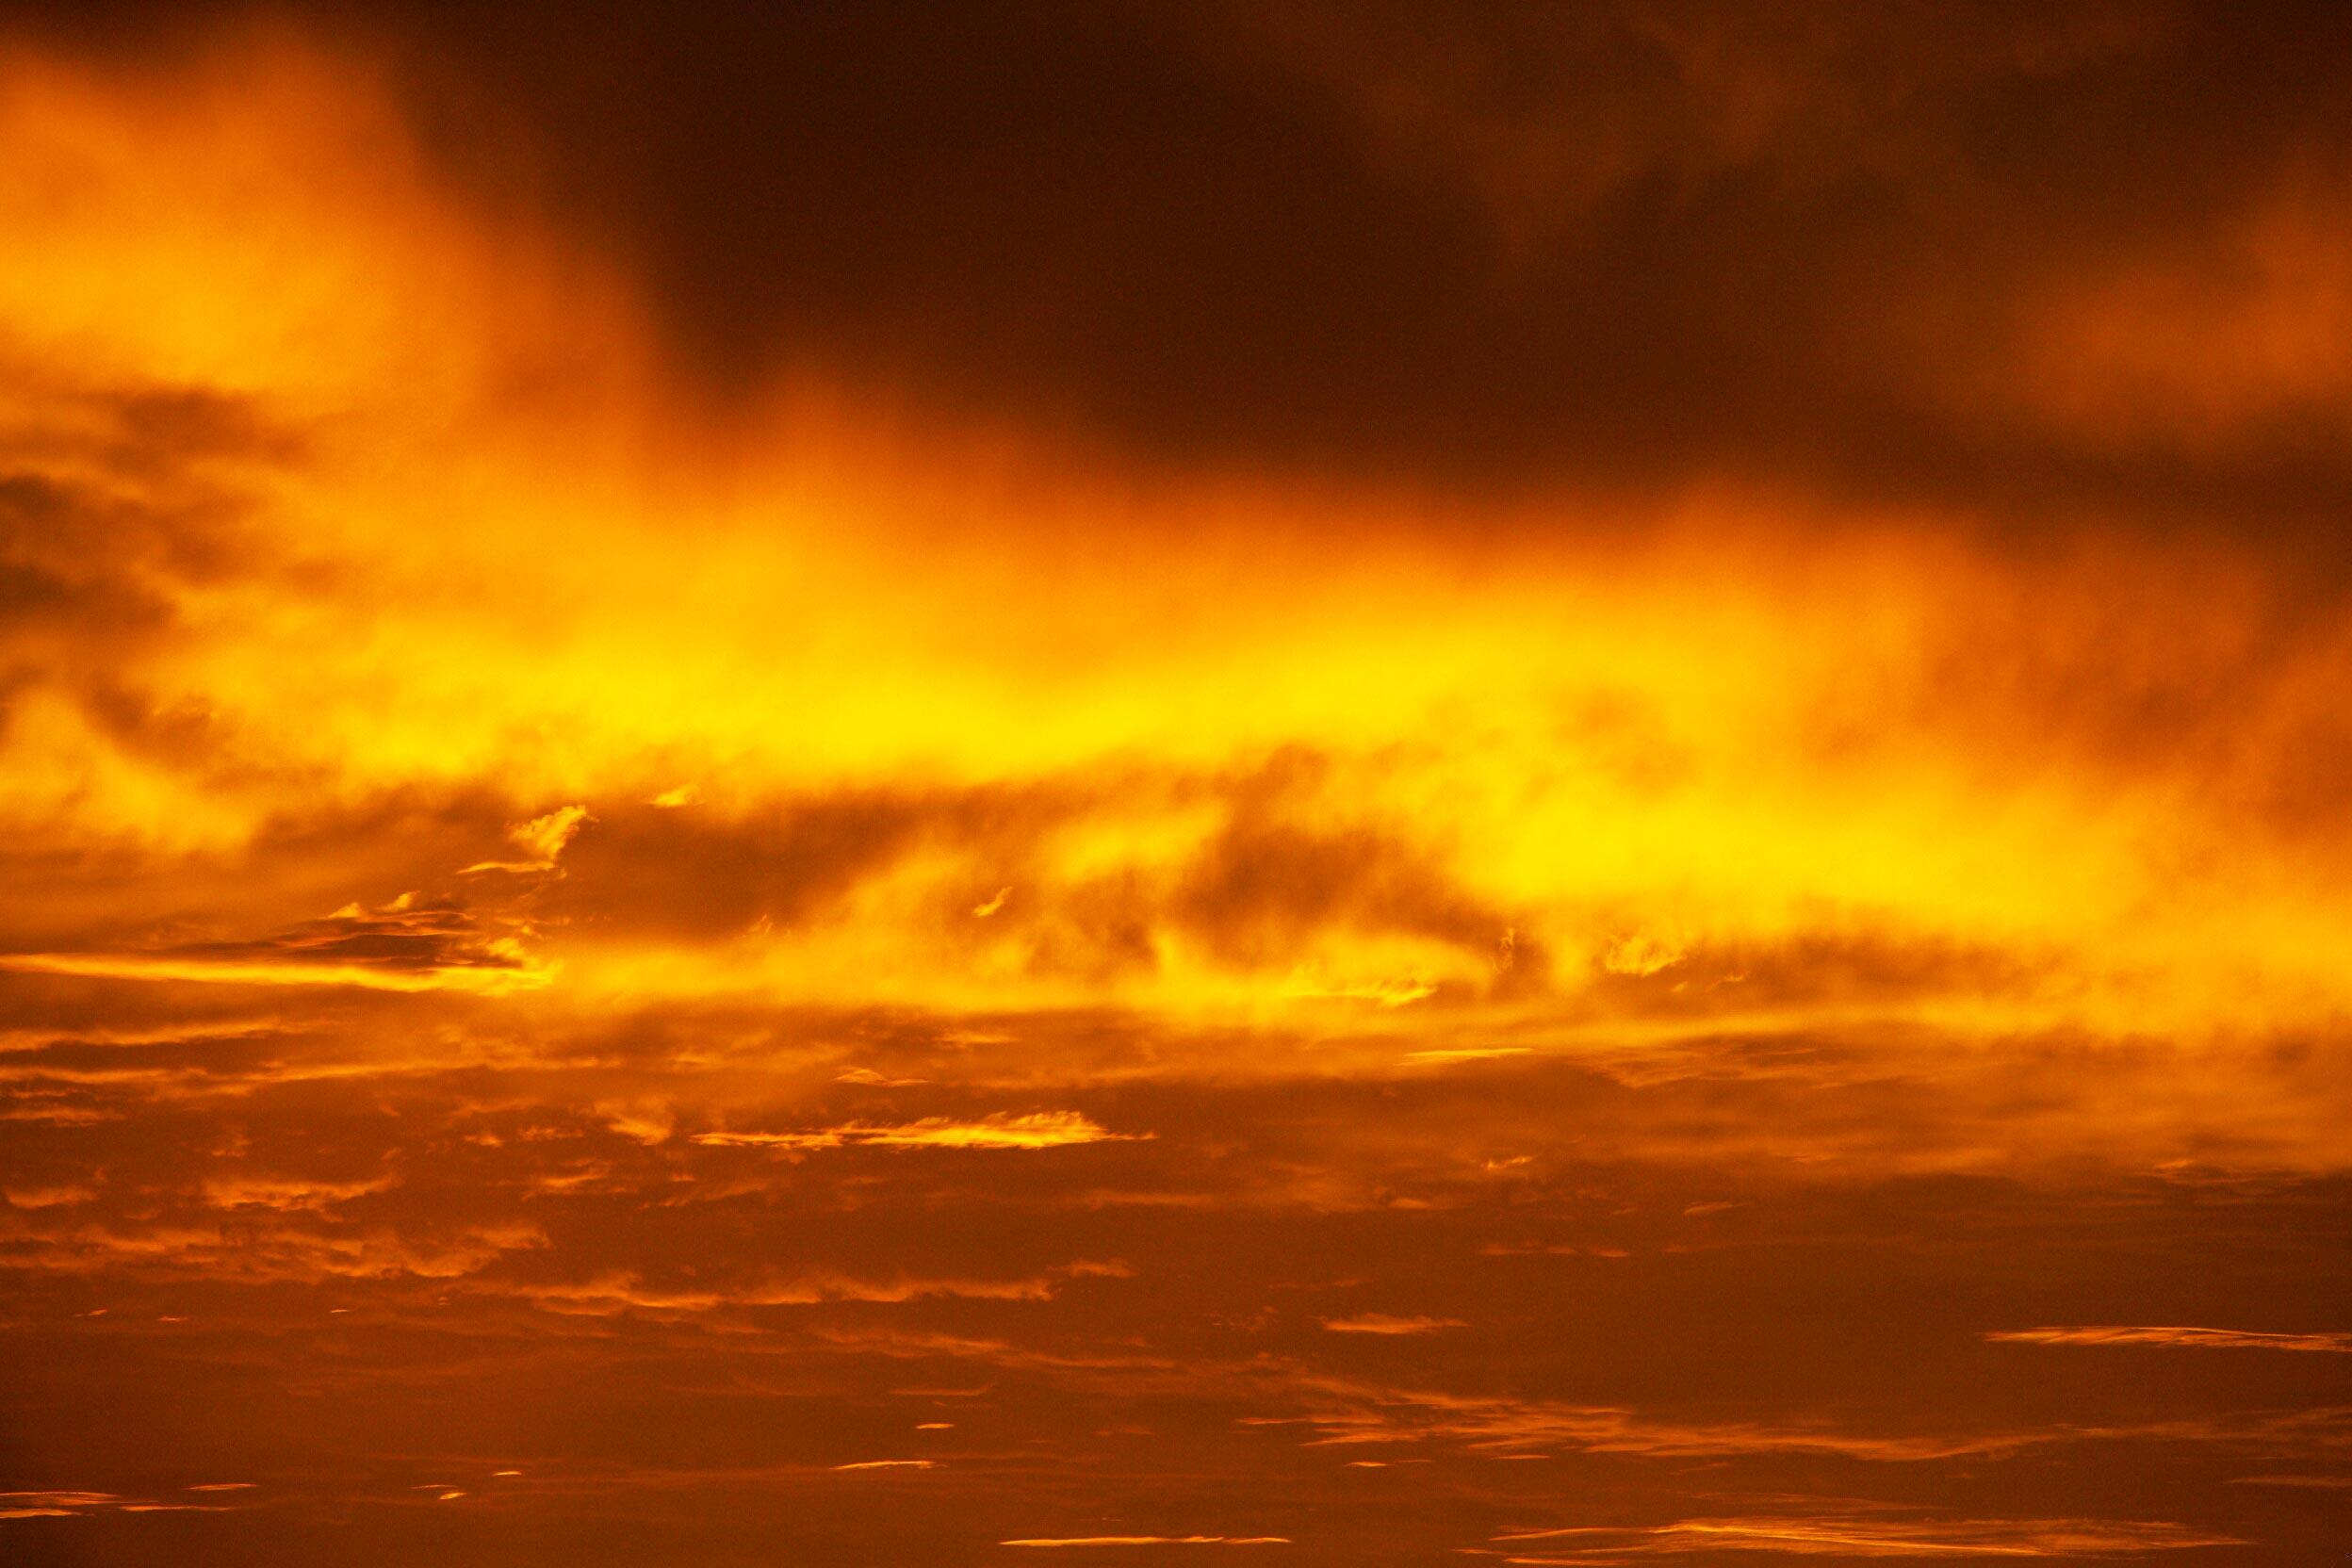 6-Photo-couché-soleil-sunset-feu-fire